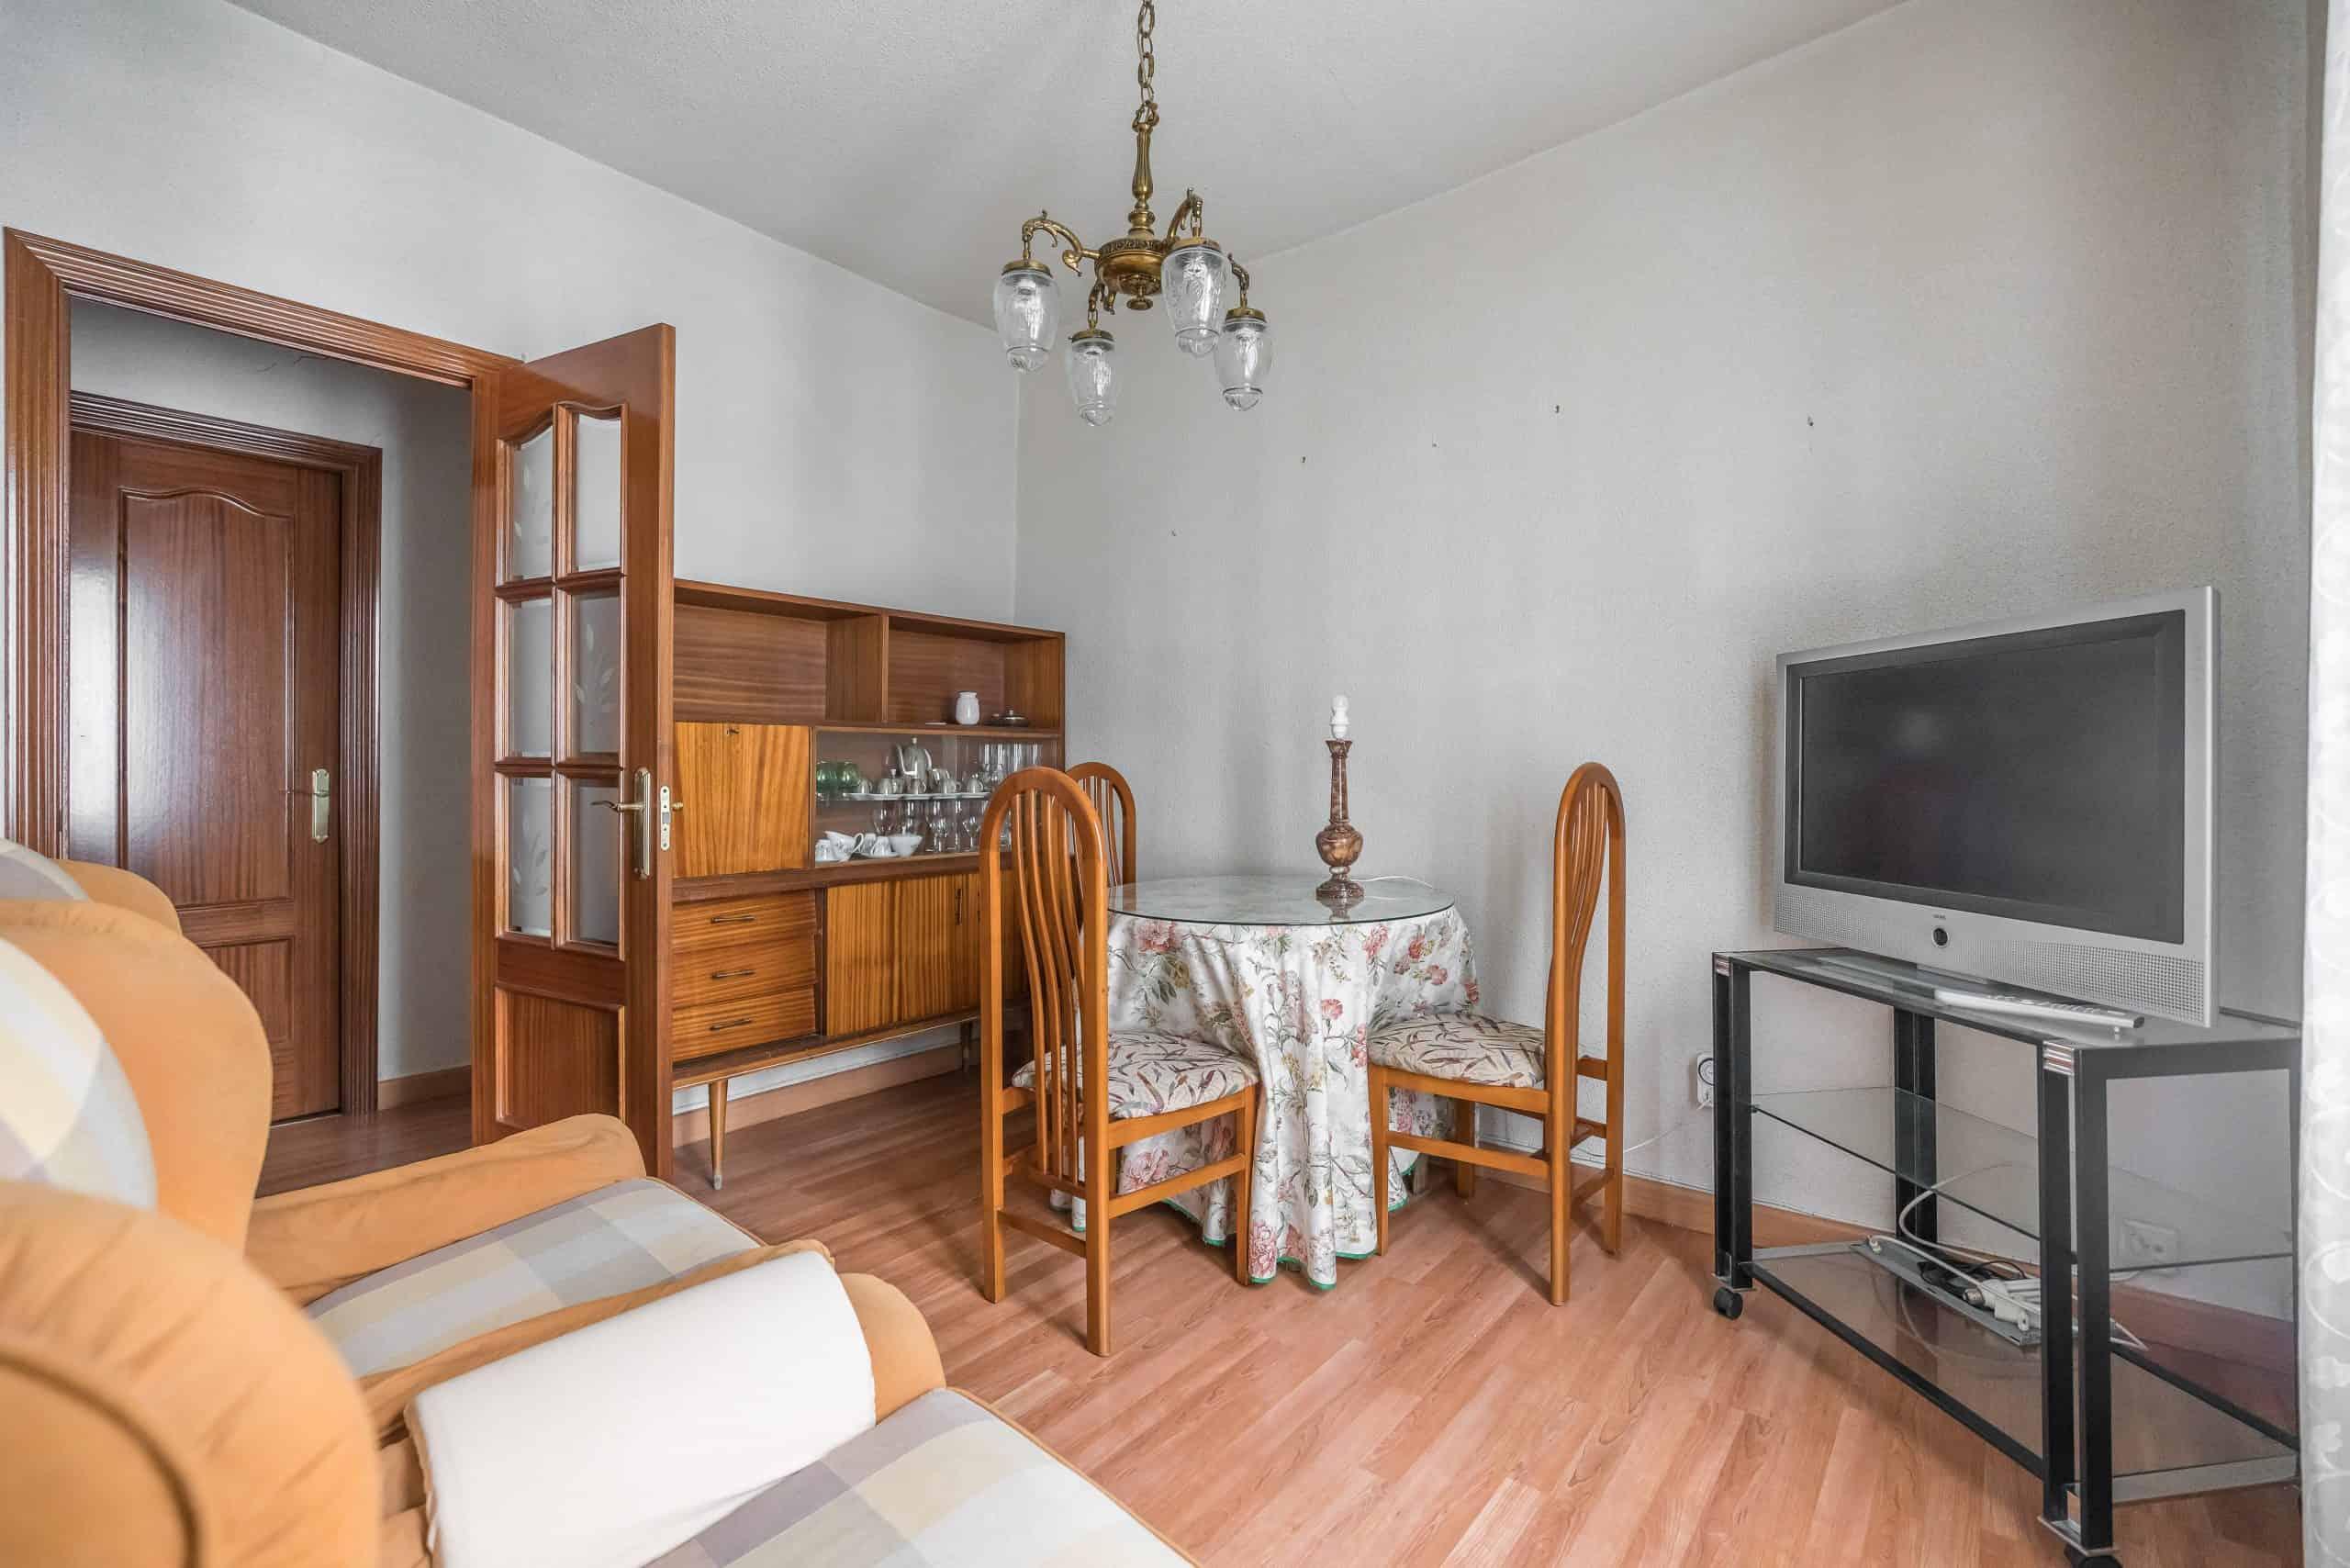 3 DORMITORIO2 (8) (Copy) Agencia Inmobiliaria de Madrid-FUTUROCASA-Zona ARGANZUELA-